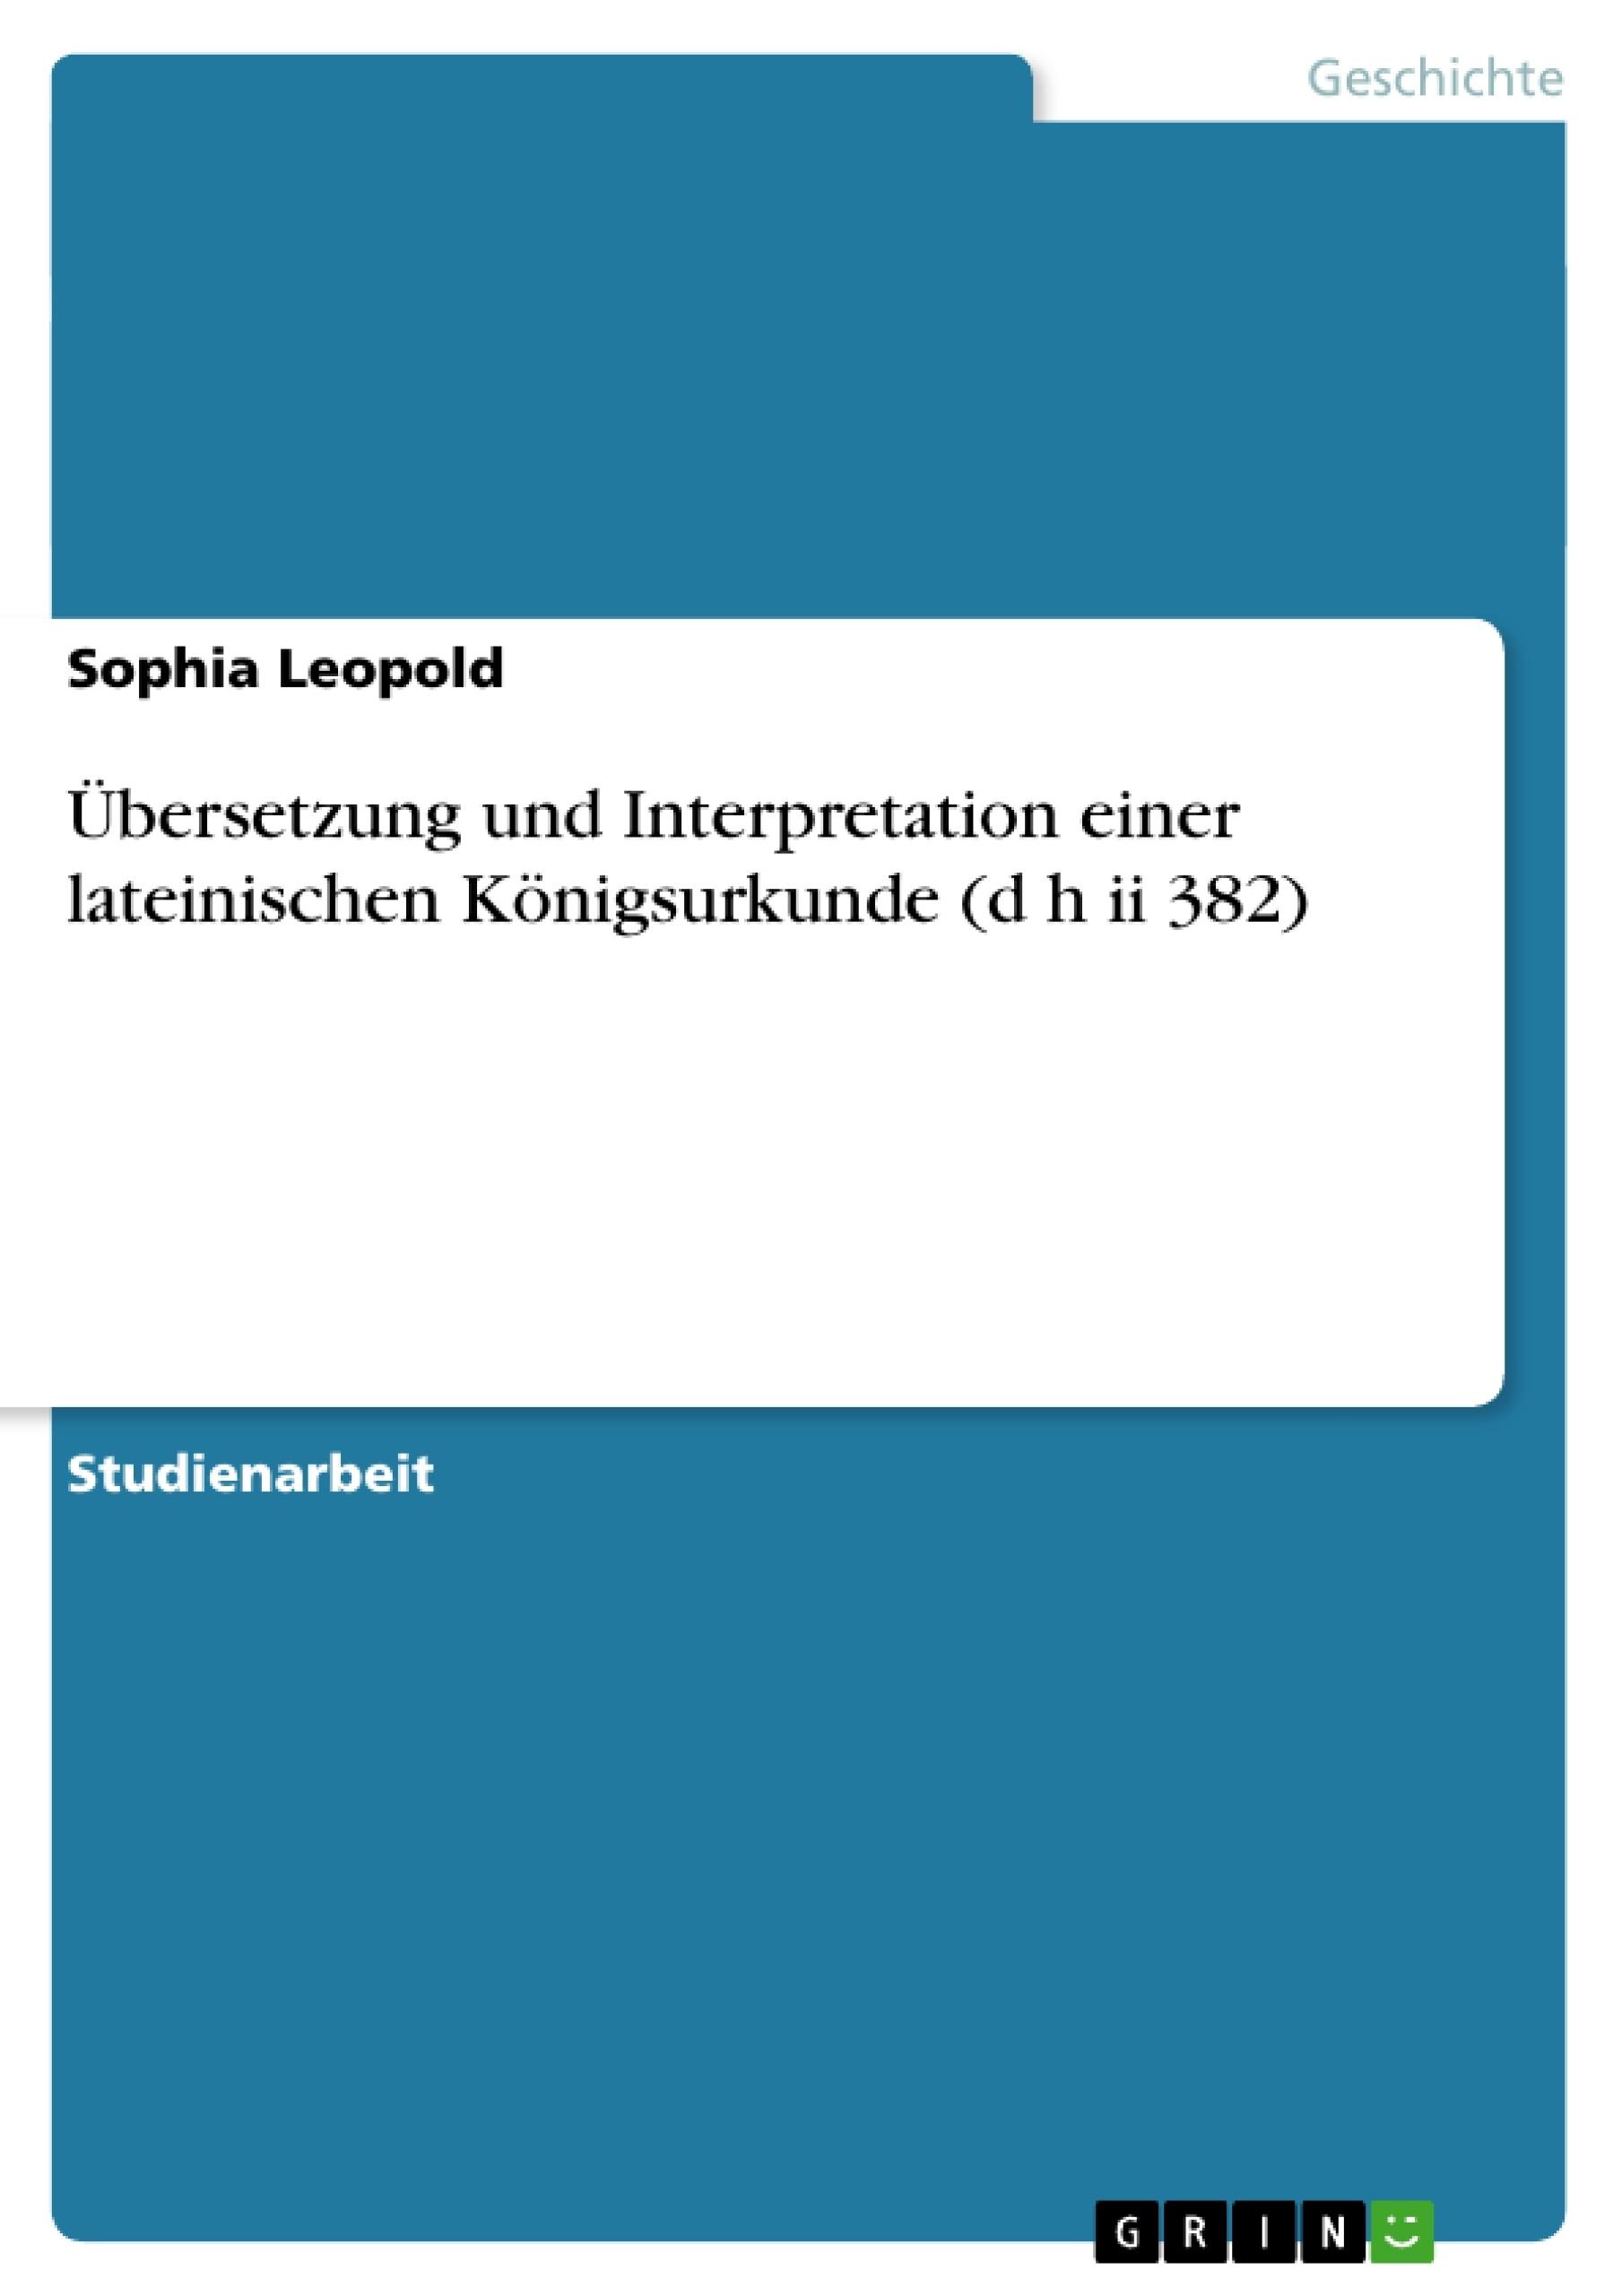 Titel: Übersetzung und Interpretation einer lateinischen Königsurkunde (d h ii 382)